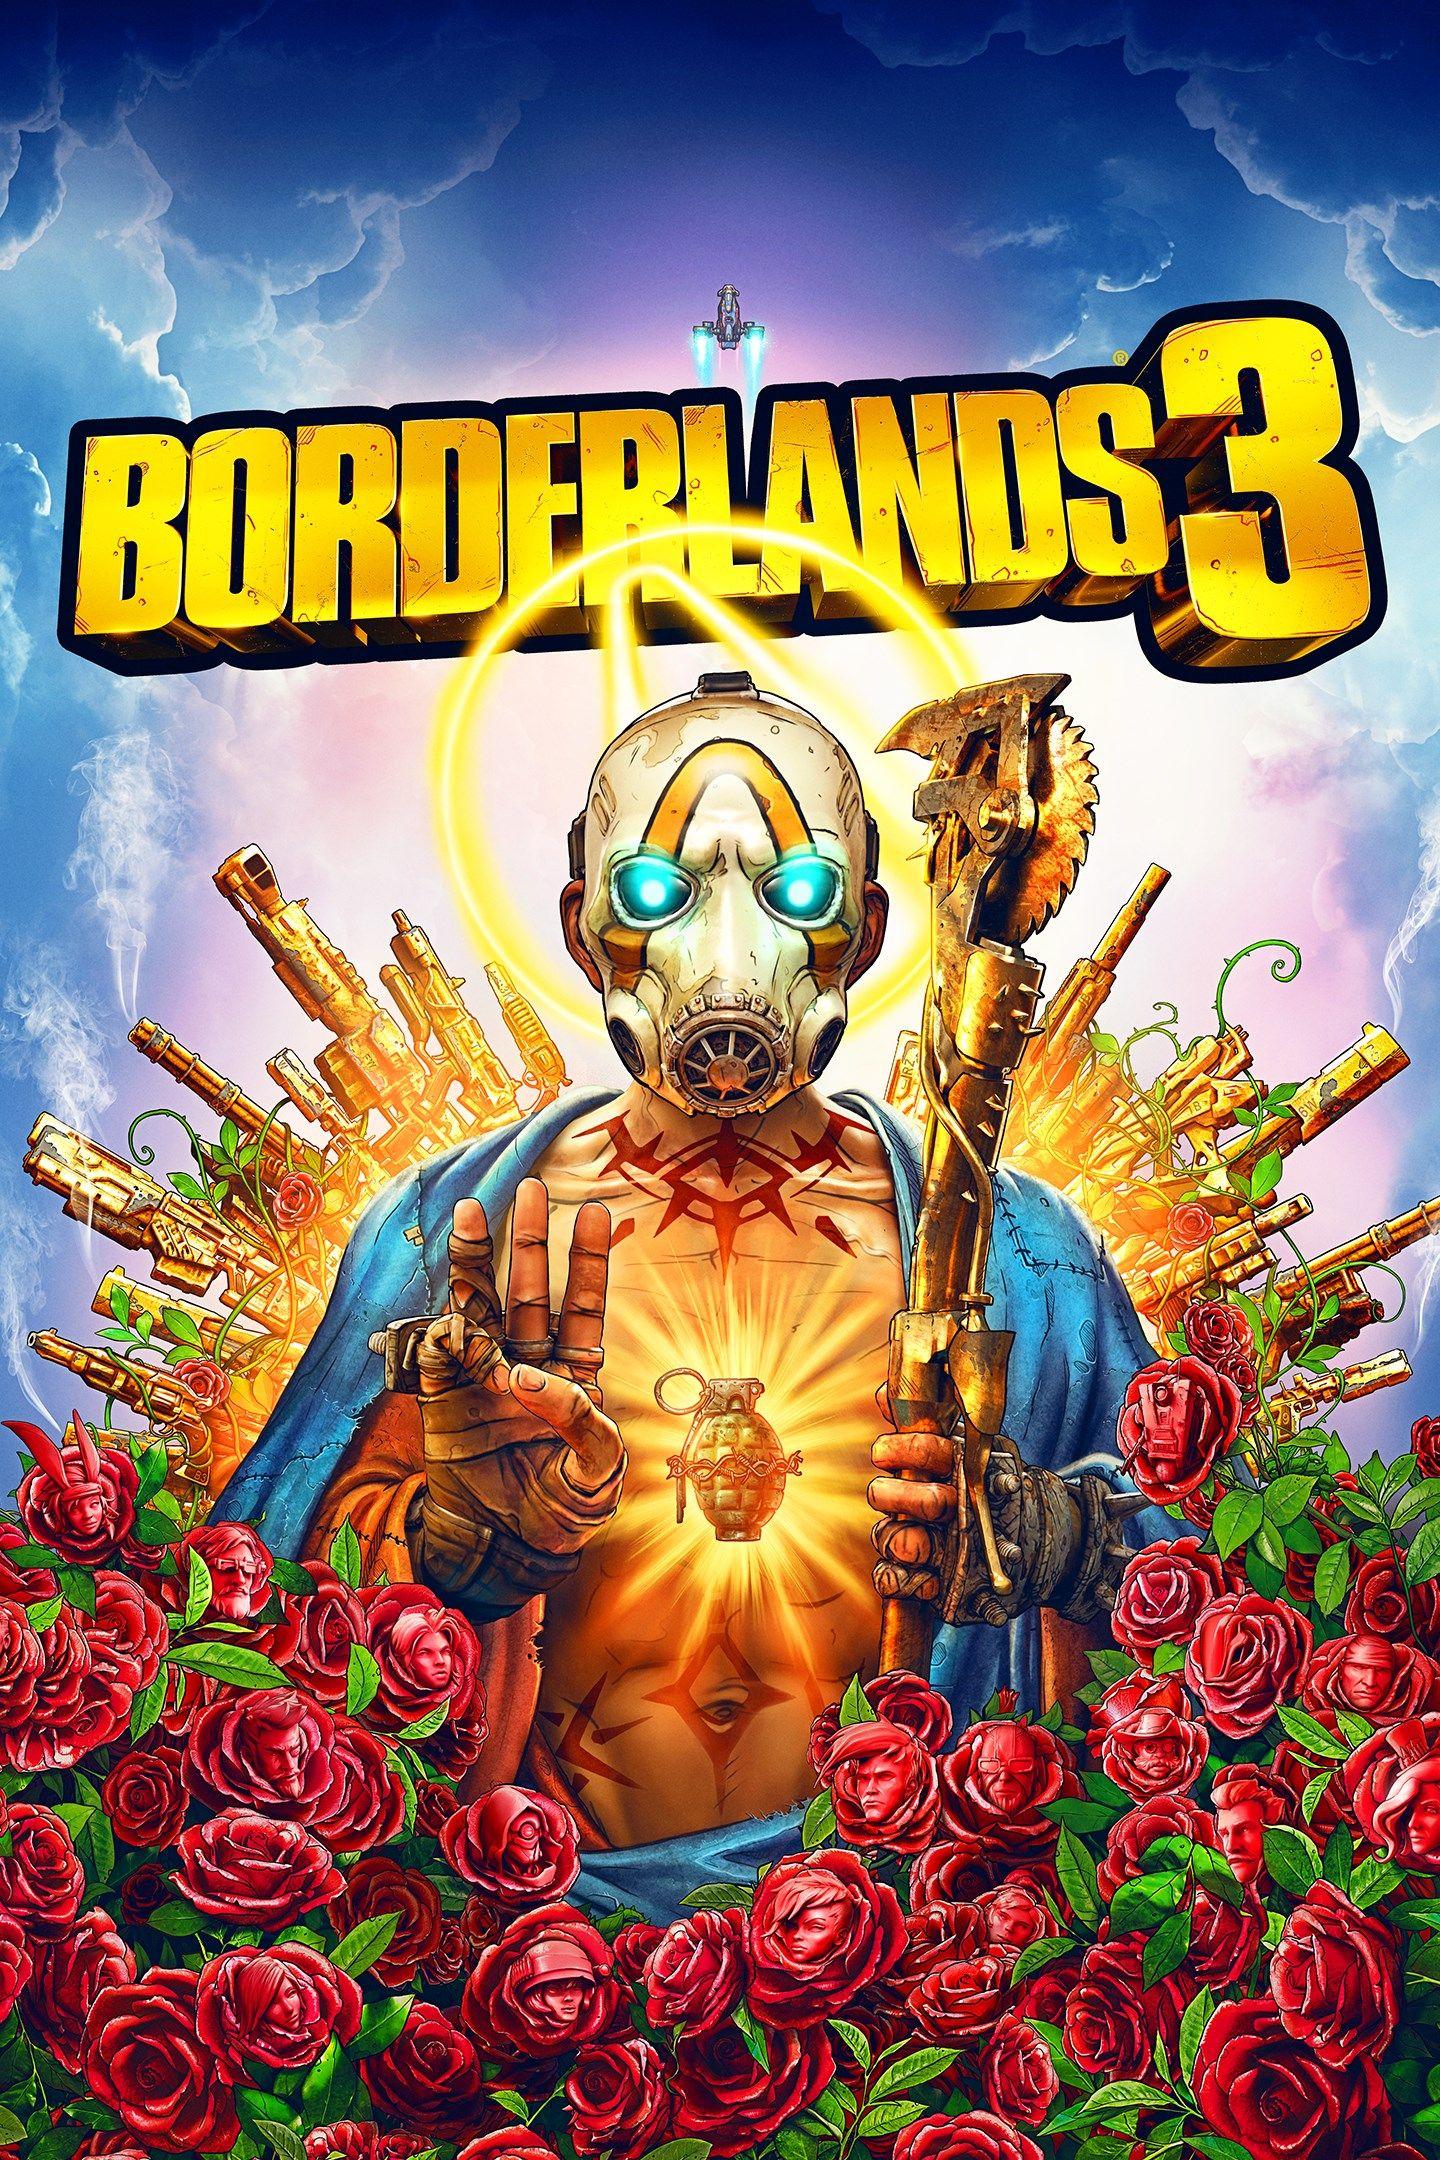 [21-24/11] Borderlands 3 (PS4/Xbox One) kostenlos spielbar